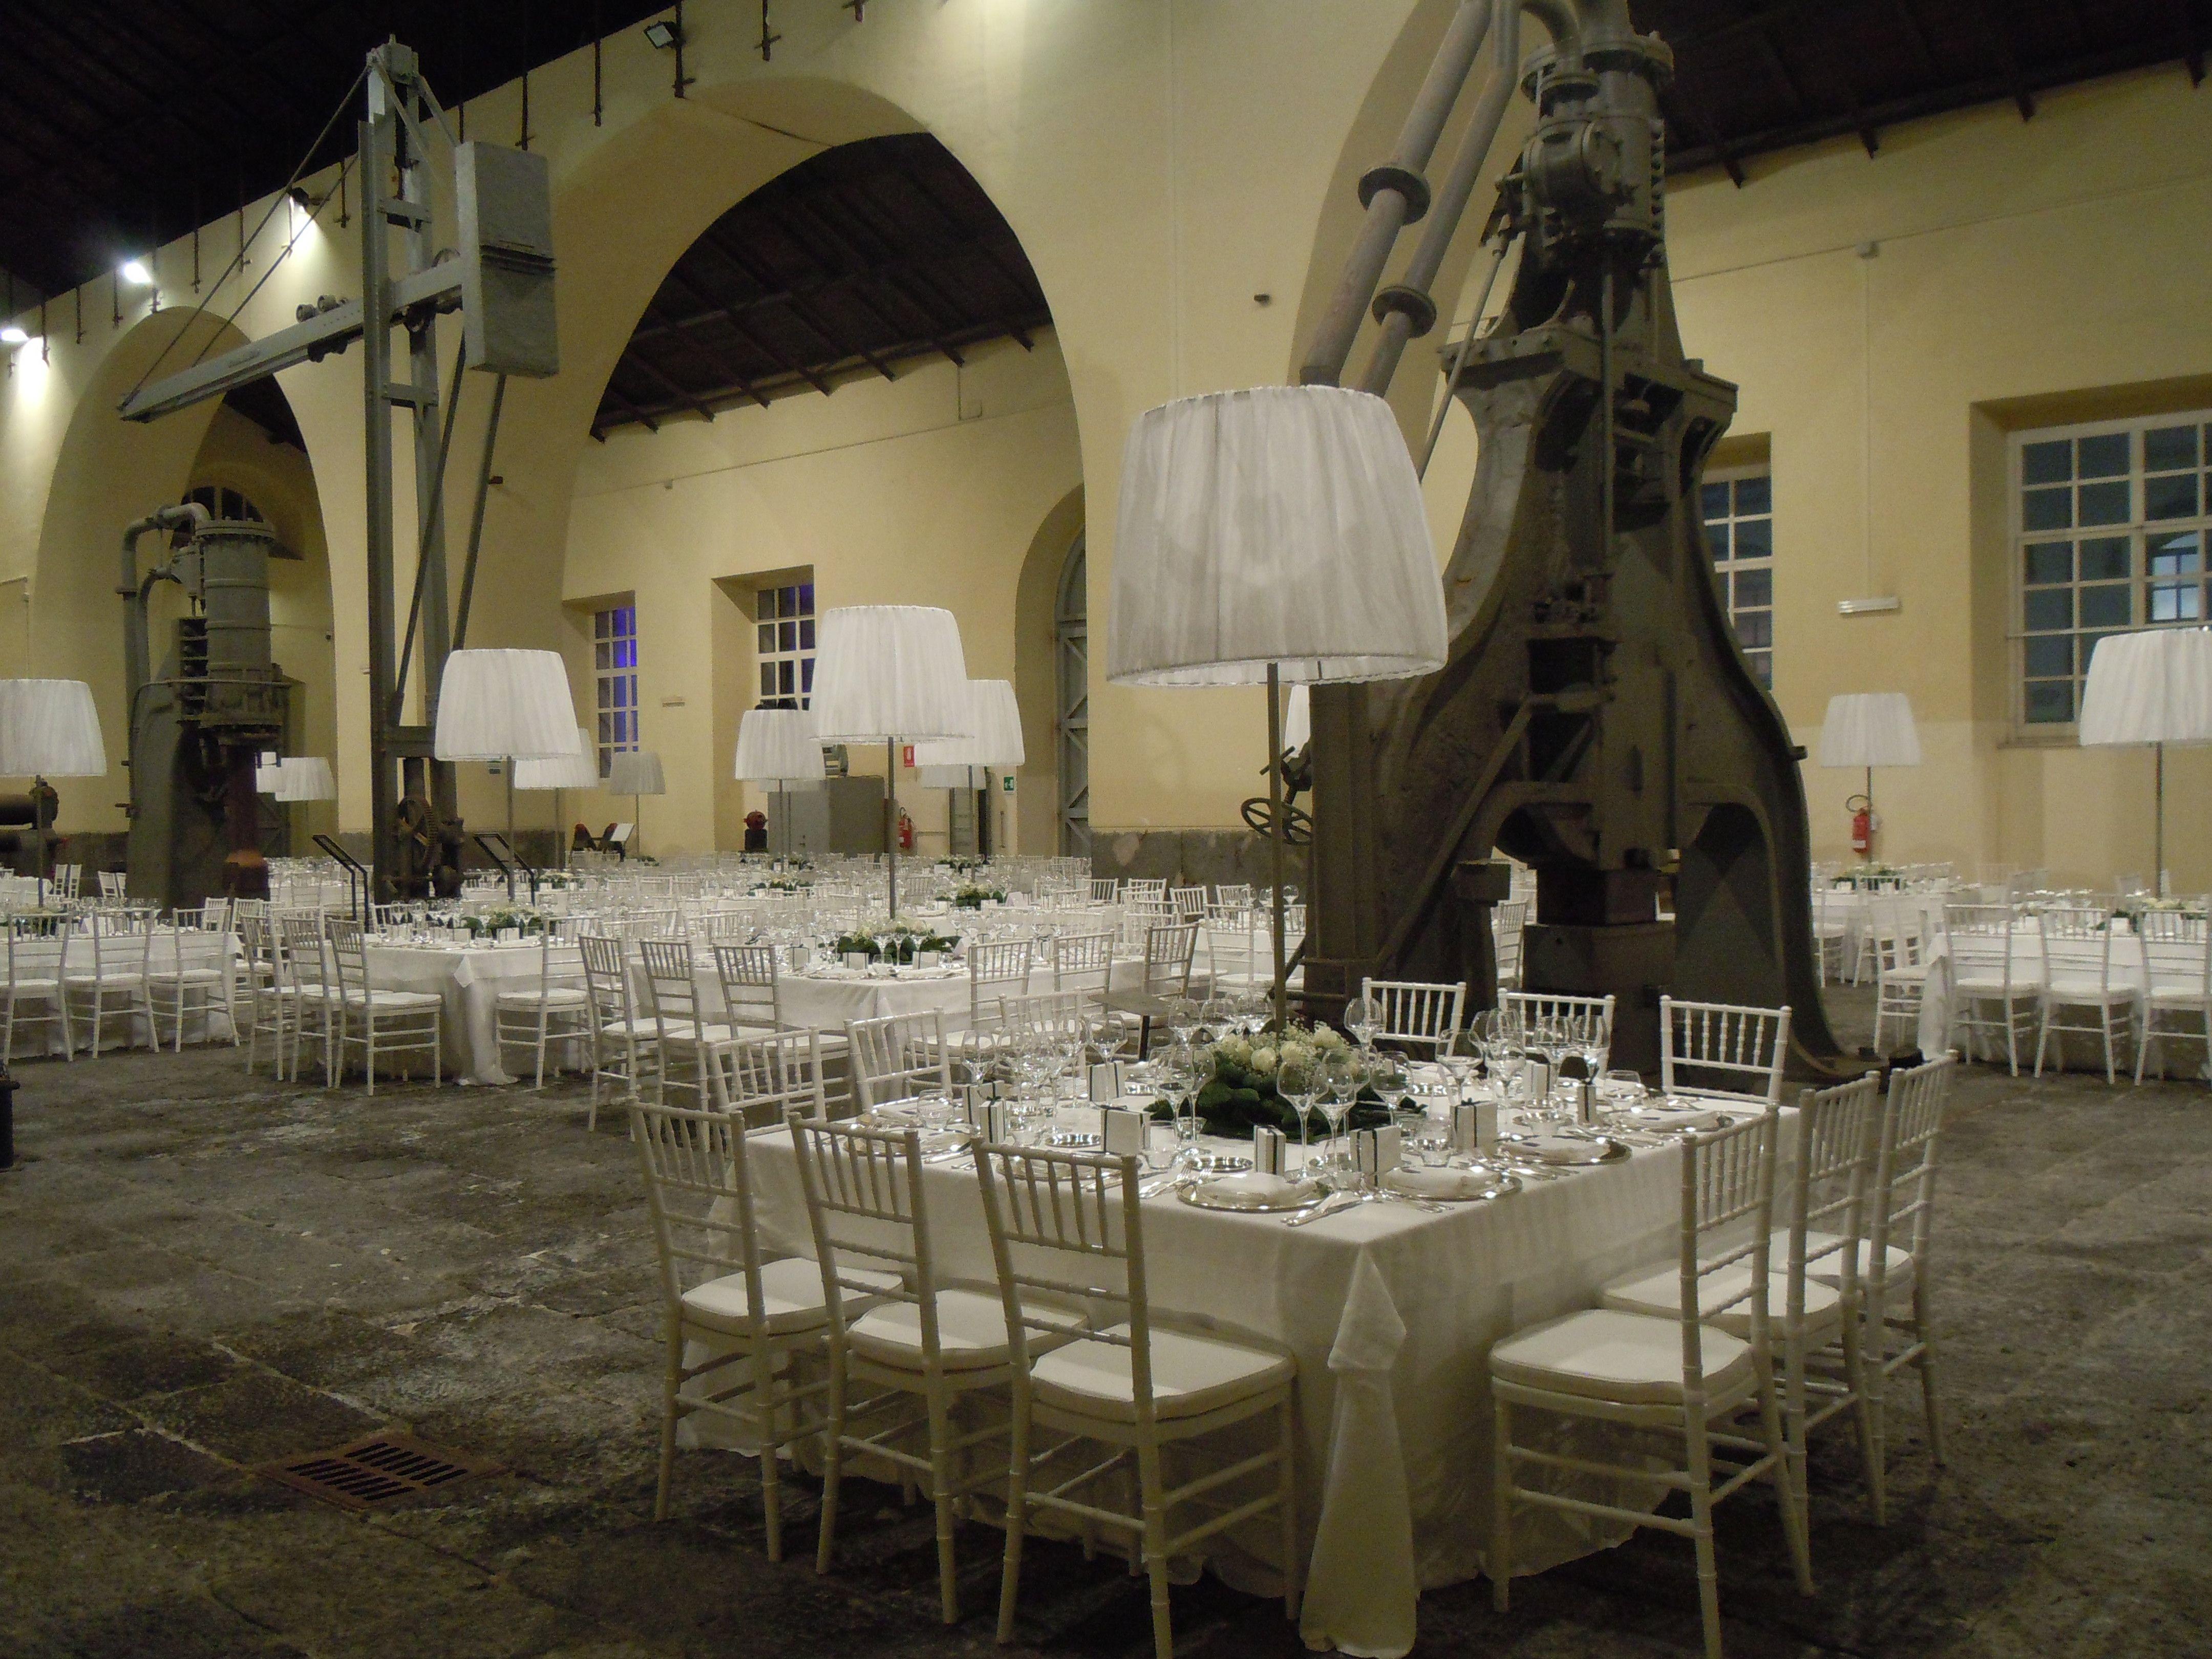 Il gran salone dei macchinari di officina elagantemente allestito per festeggiare il matrimonio di due giovani sposi.